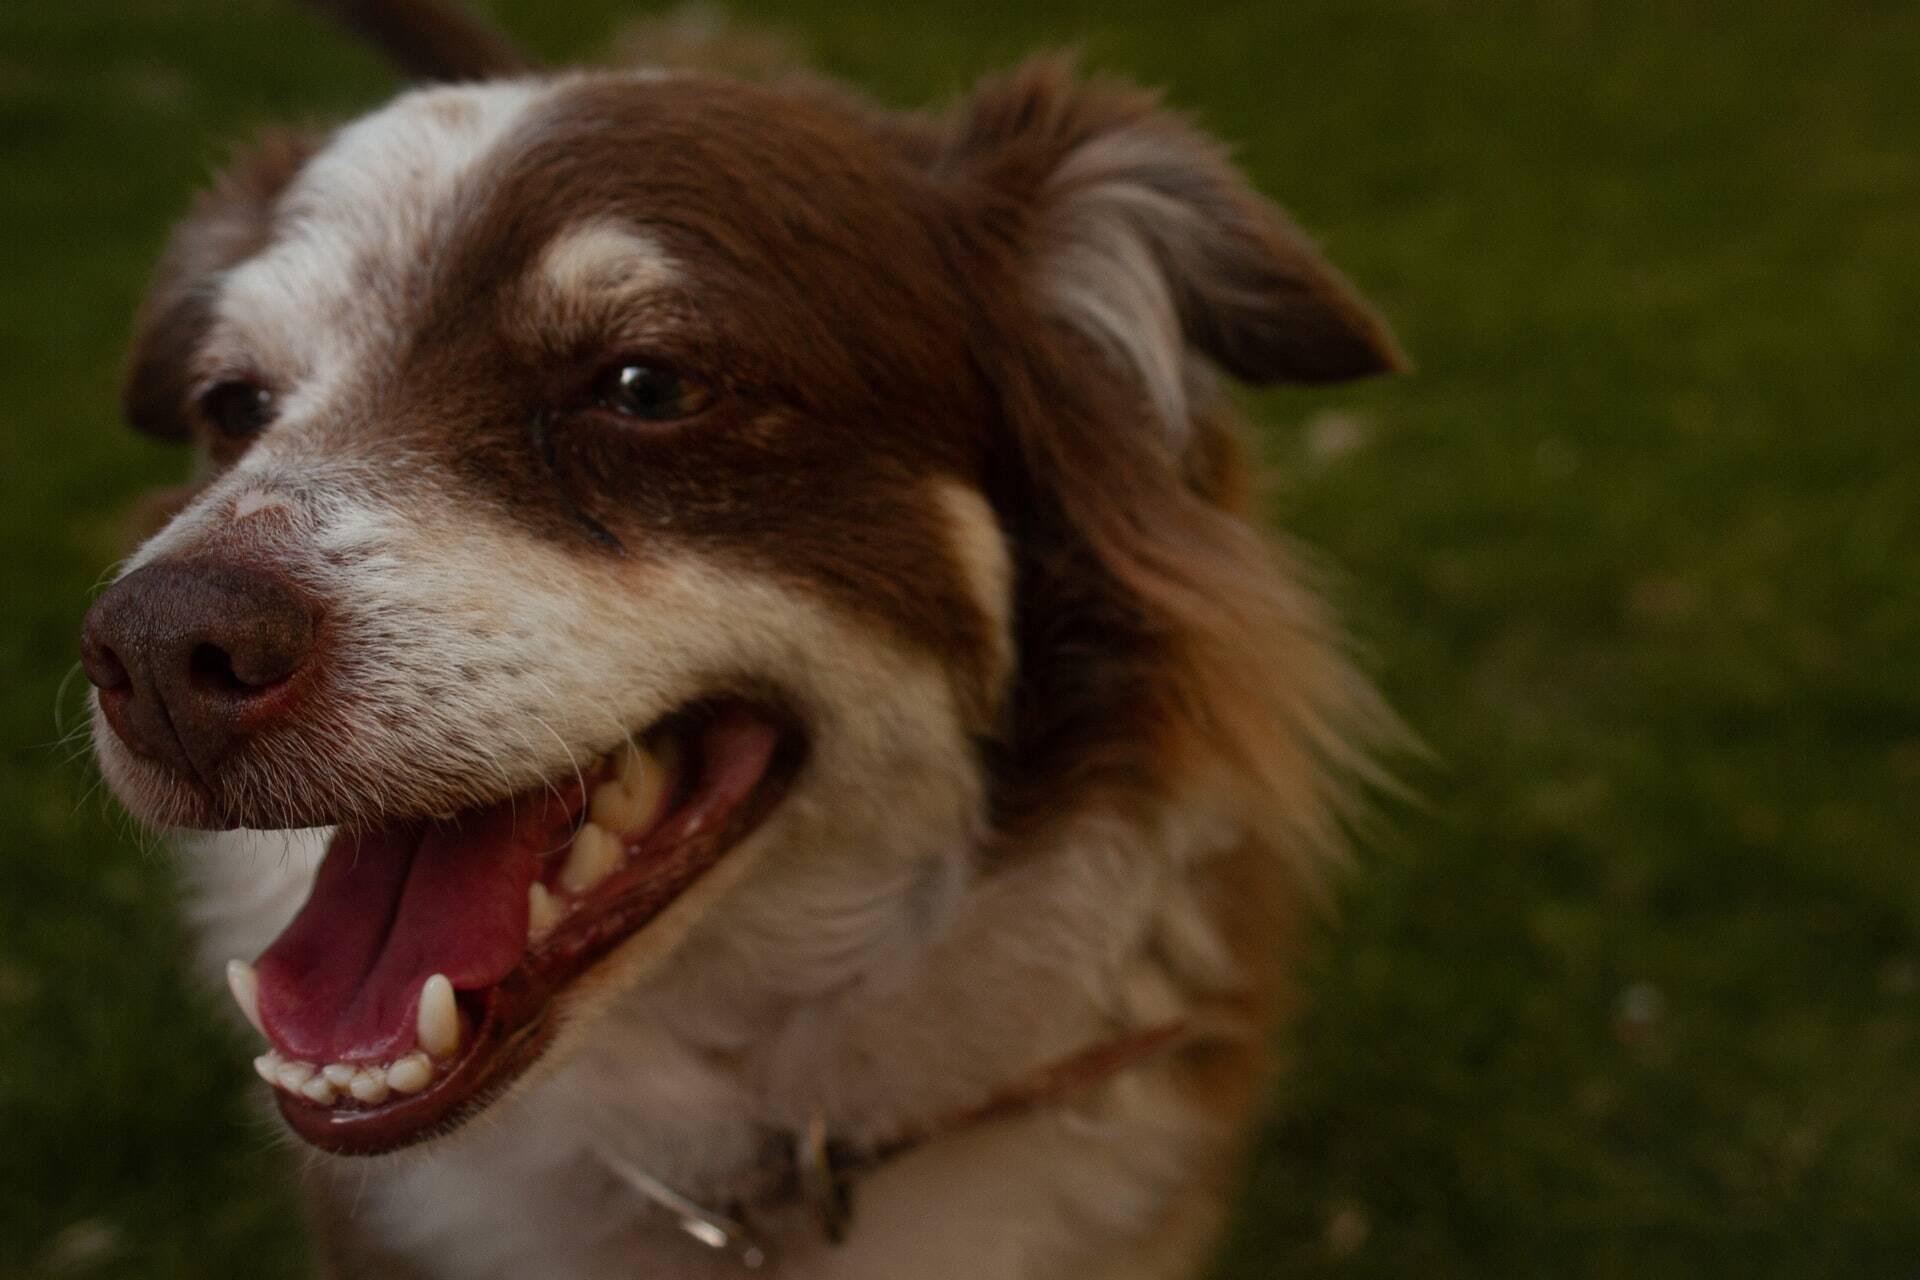 Saúde bucal: Aprenda a cuidar dos dentes do seu cão e evite uma série de doenças